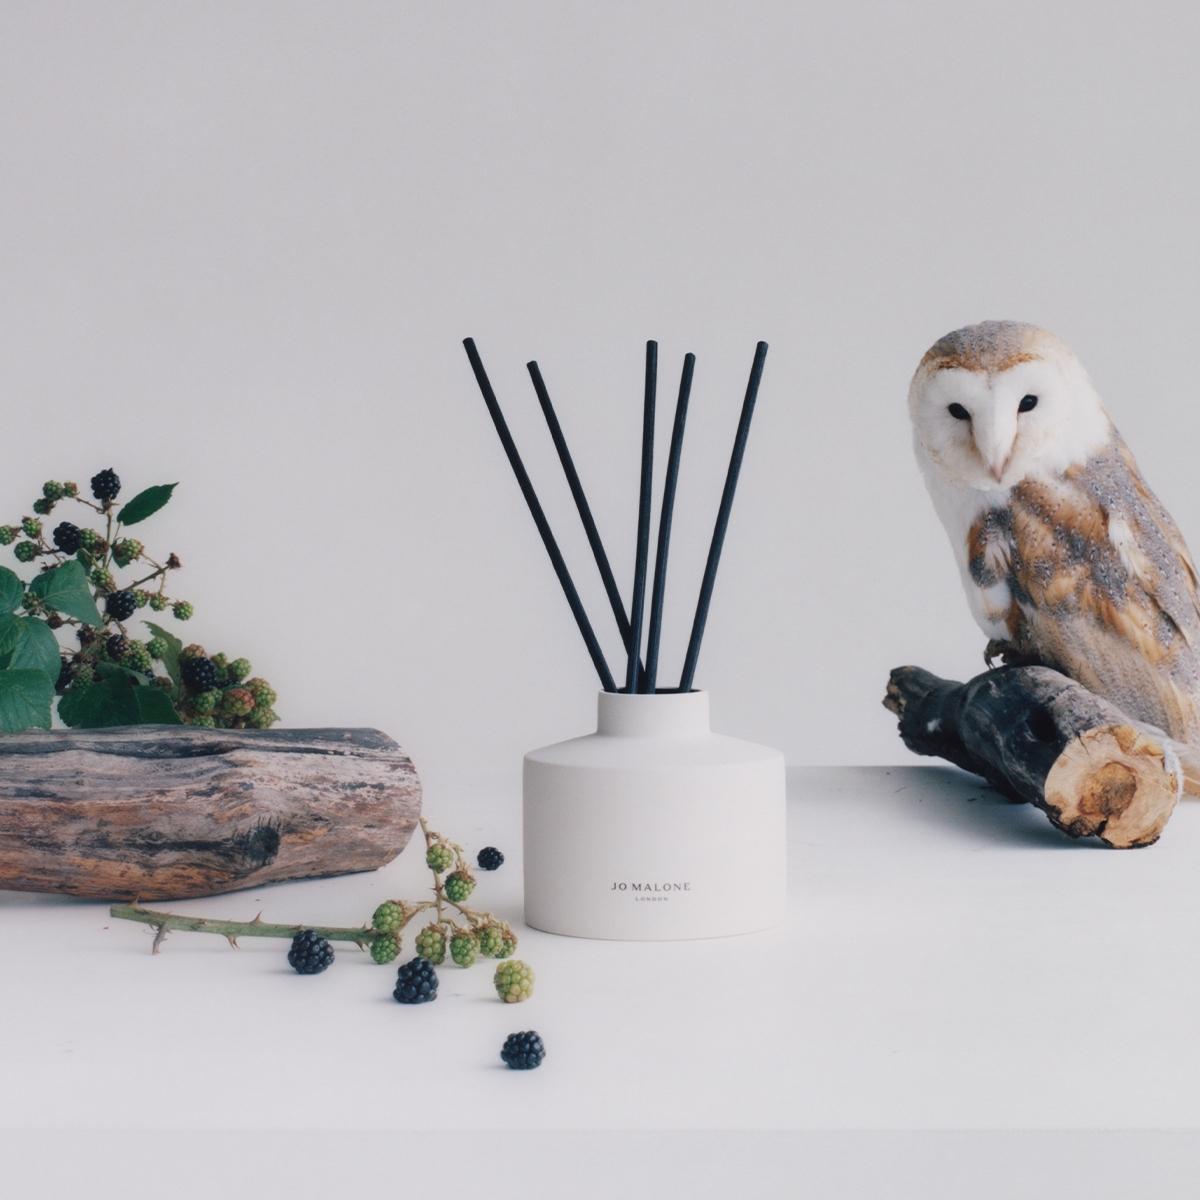 兼具溫暖與質感的Jo Malone London自香氛工藝陶瓷蠟燭系列,再推出藤枝擴香系列,讓妳真的捨不得出門了